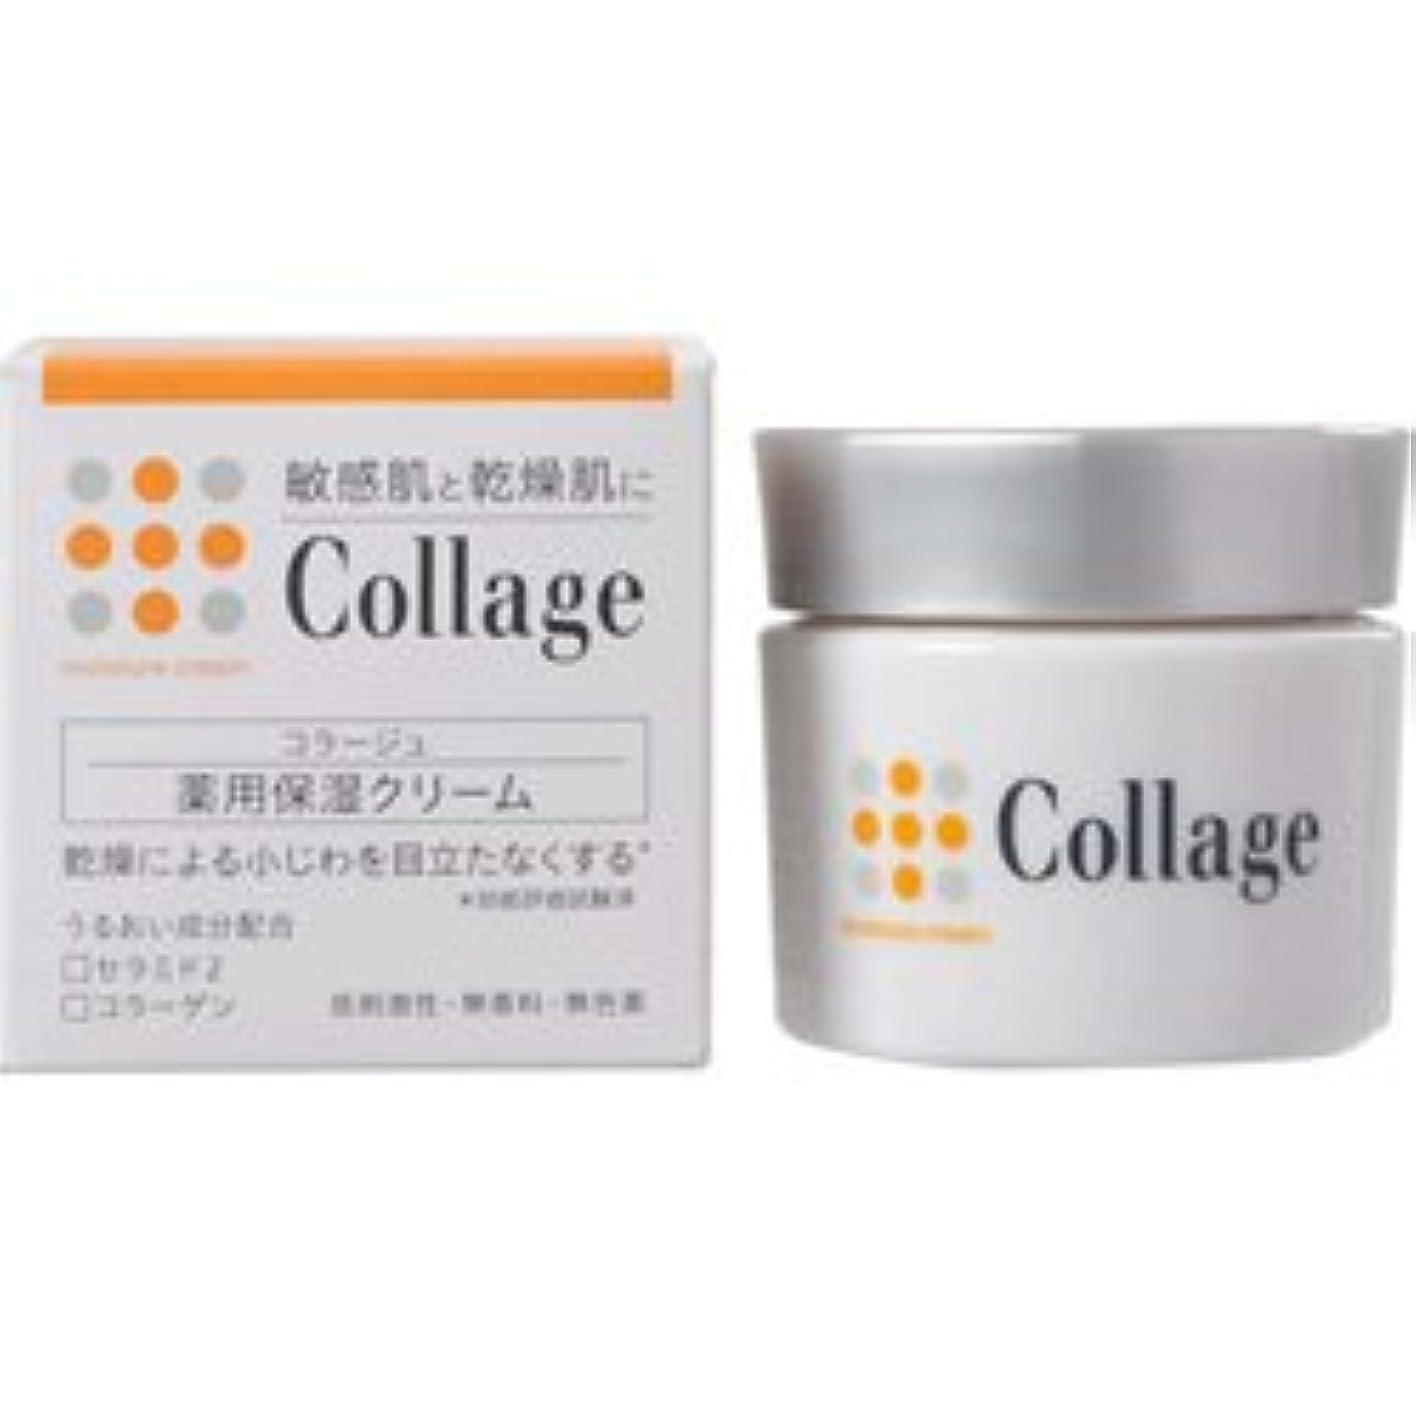 粒引き出すはさみ【持田ヘルスケア】 コラージュ薬用保湿クリーム 30g (医薬部外品) ×3個セット